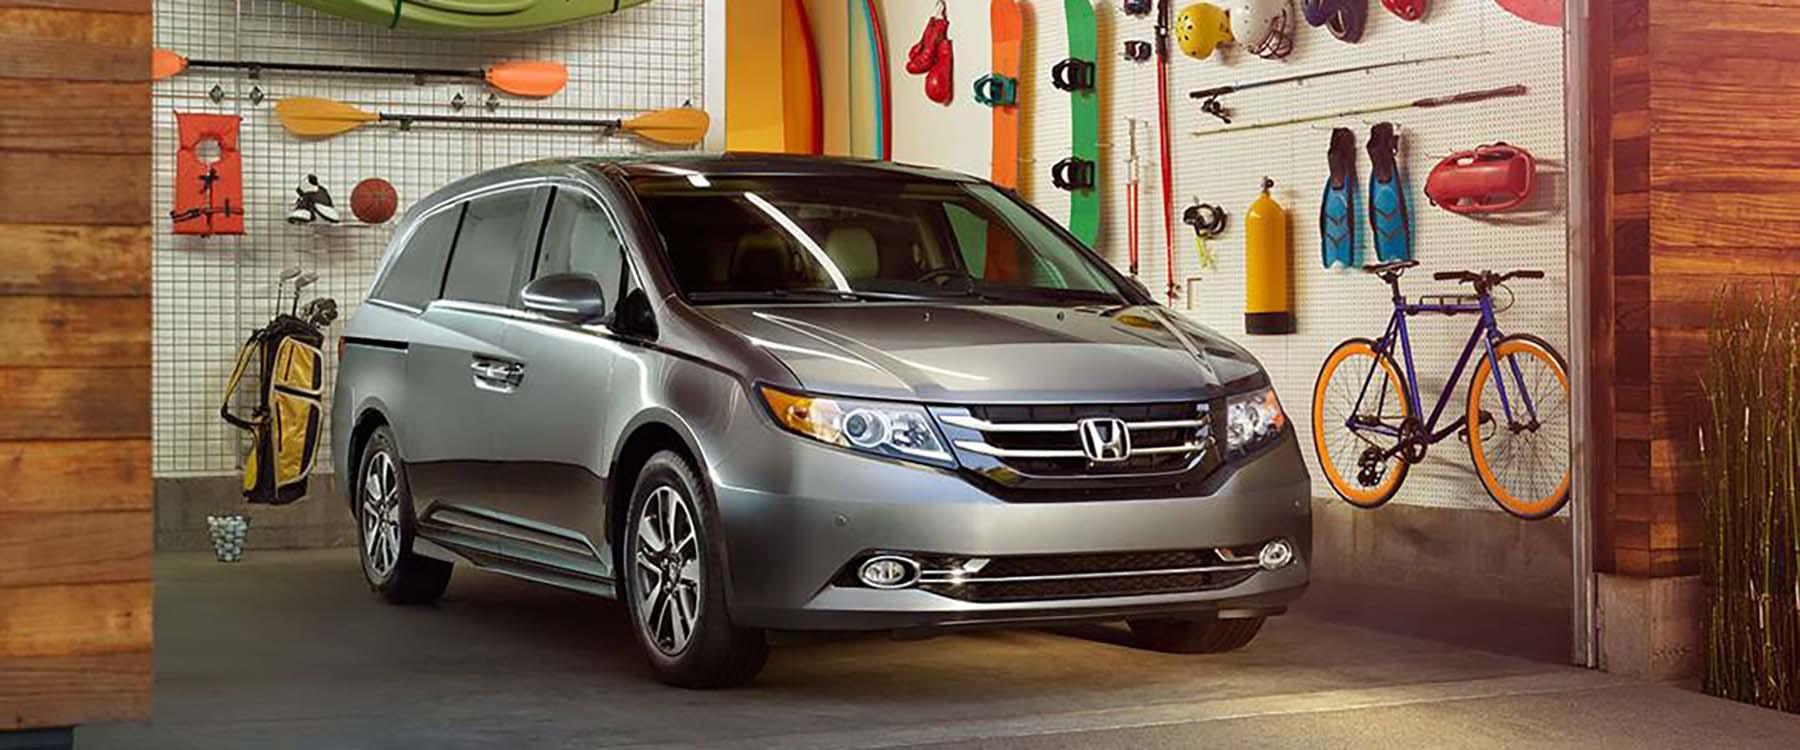 2017 Honda Odyssey Garage